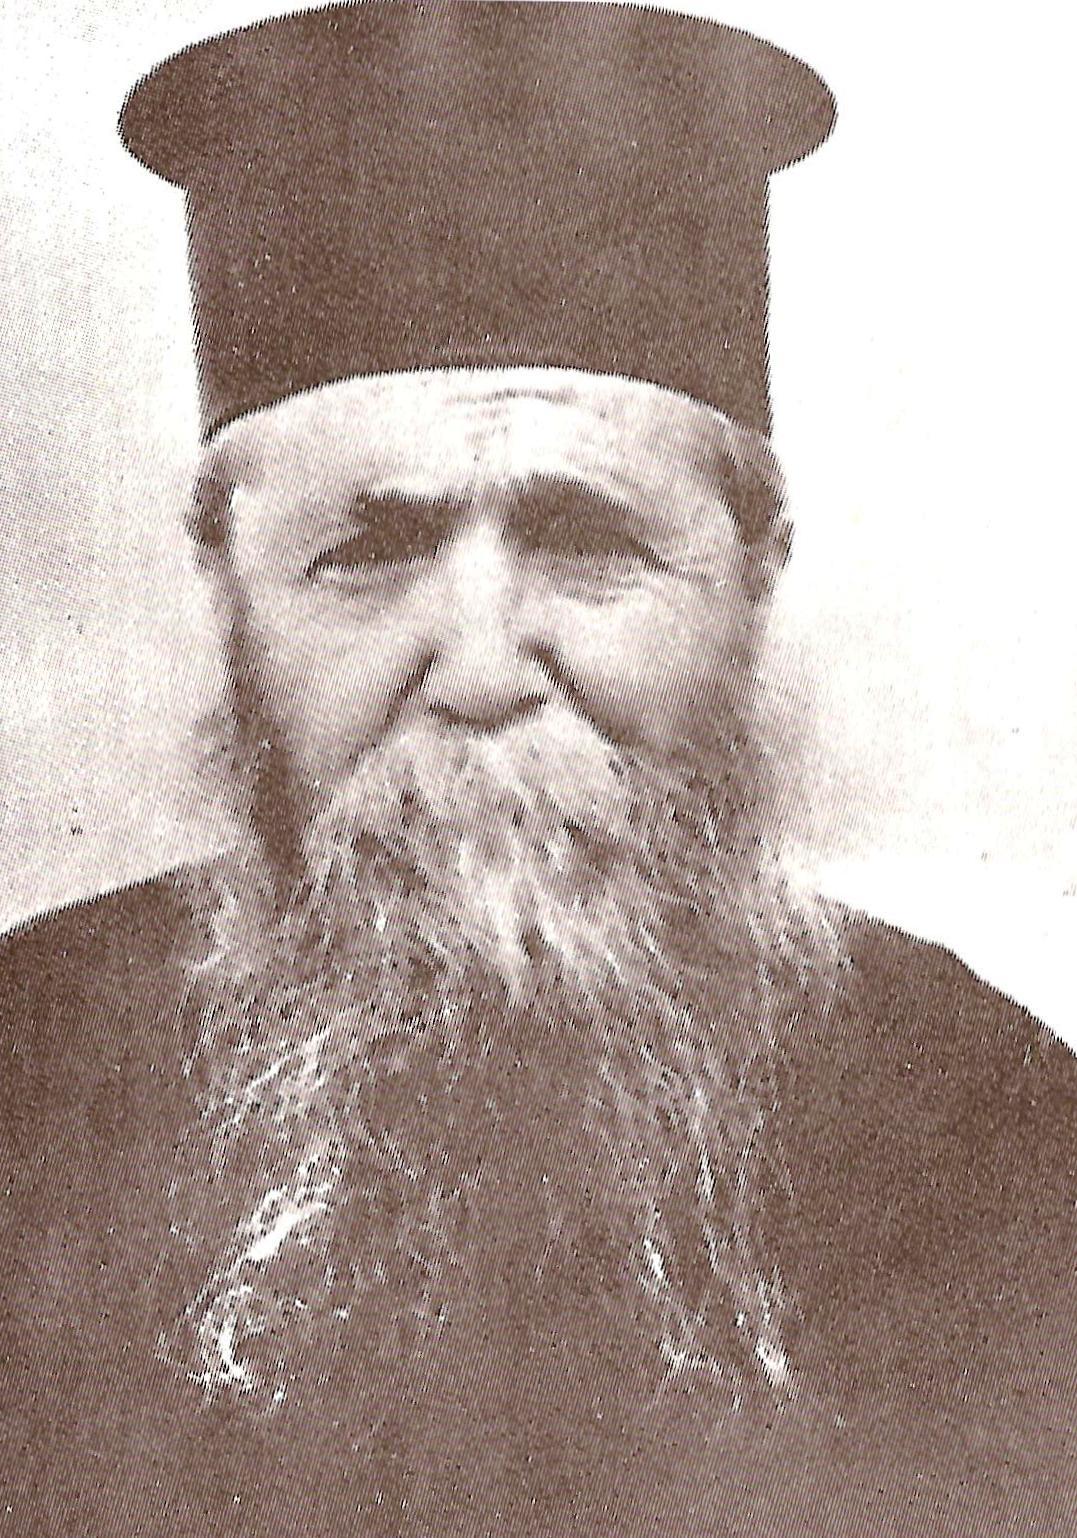 Ο μακαριστός Γέροντας Ιερώνυμος της Αίγινας, ο οποίος υπήρξε ο πρώτος εν Χριστώ διαδάσκαλος του μακαρίου Γέροντα Αρσένιου του Σπηλαιώτου και Ησυχαστού.